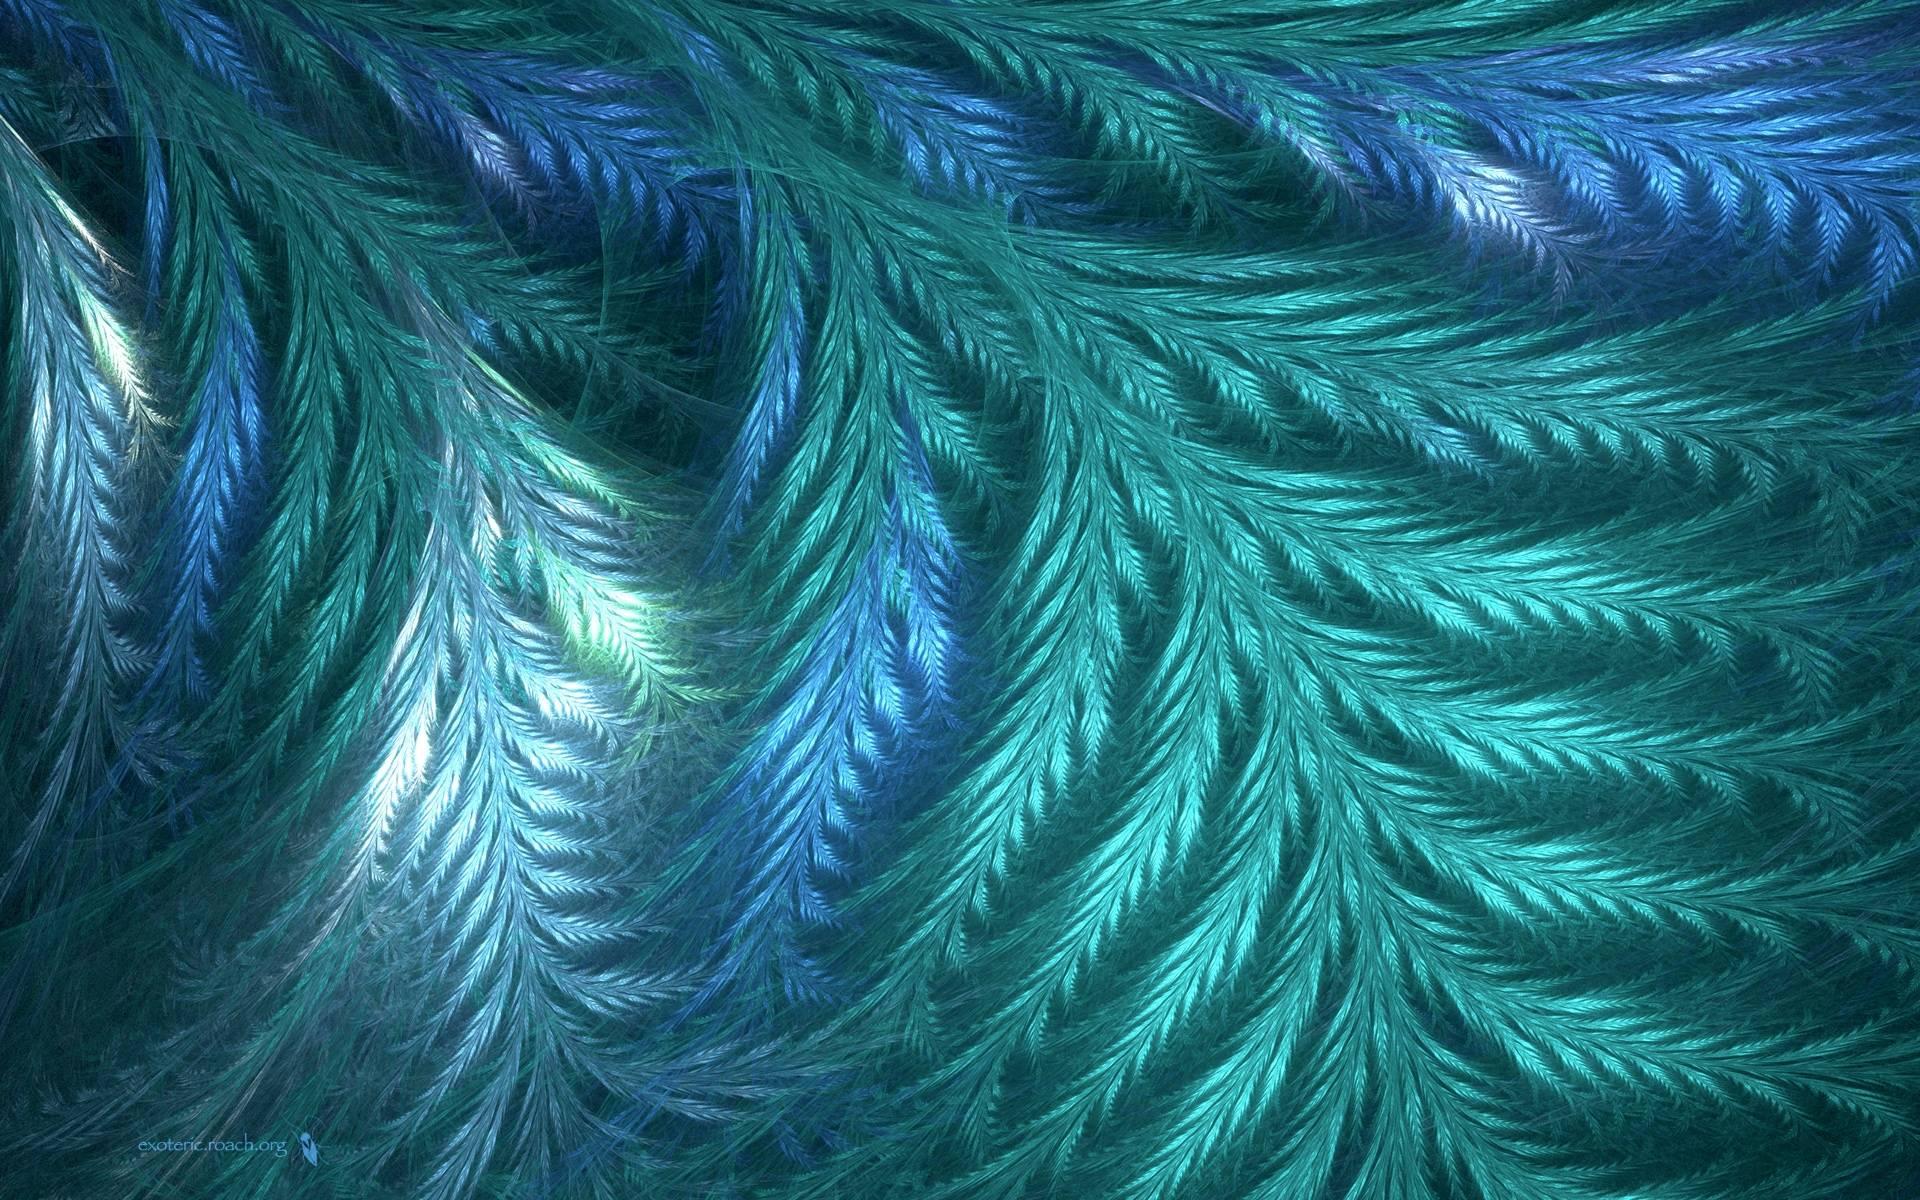 Fractals Wallpapers - Wallpaper Cave